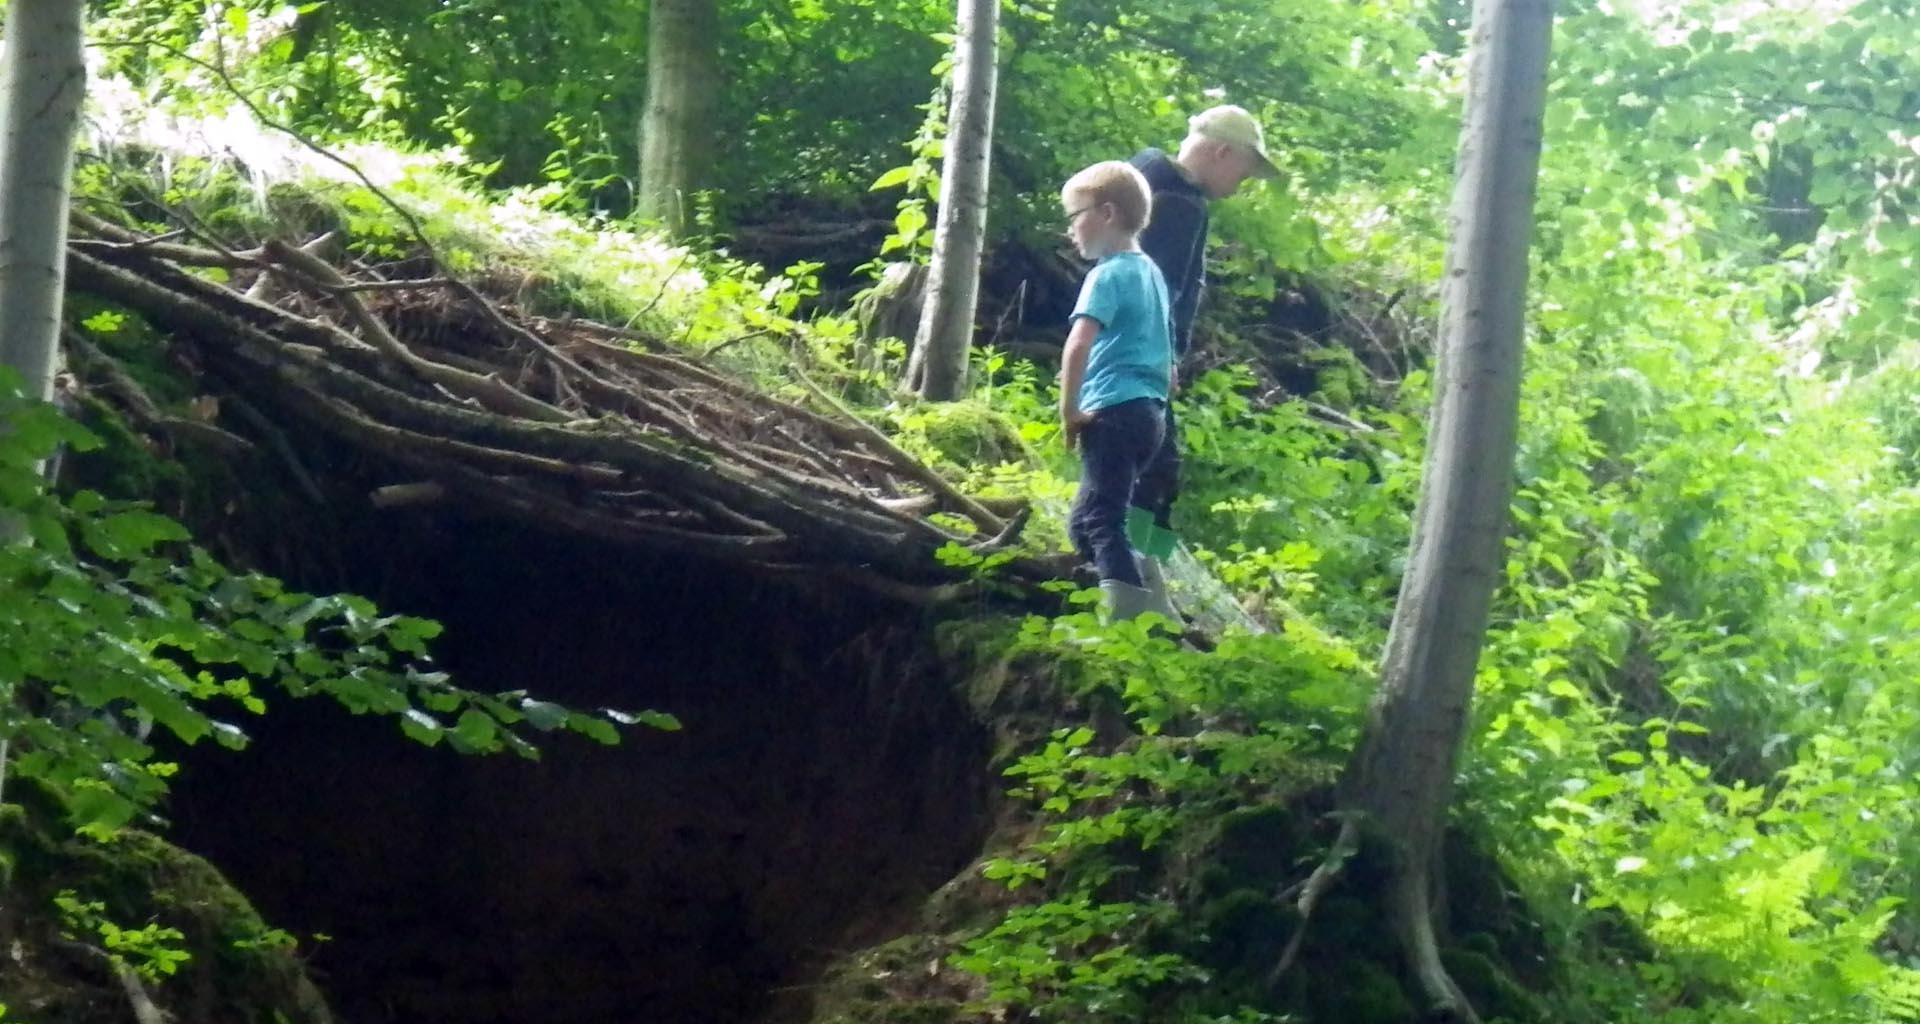 Moorbachtal1|Kinder|Seitenheader